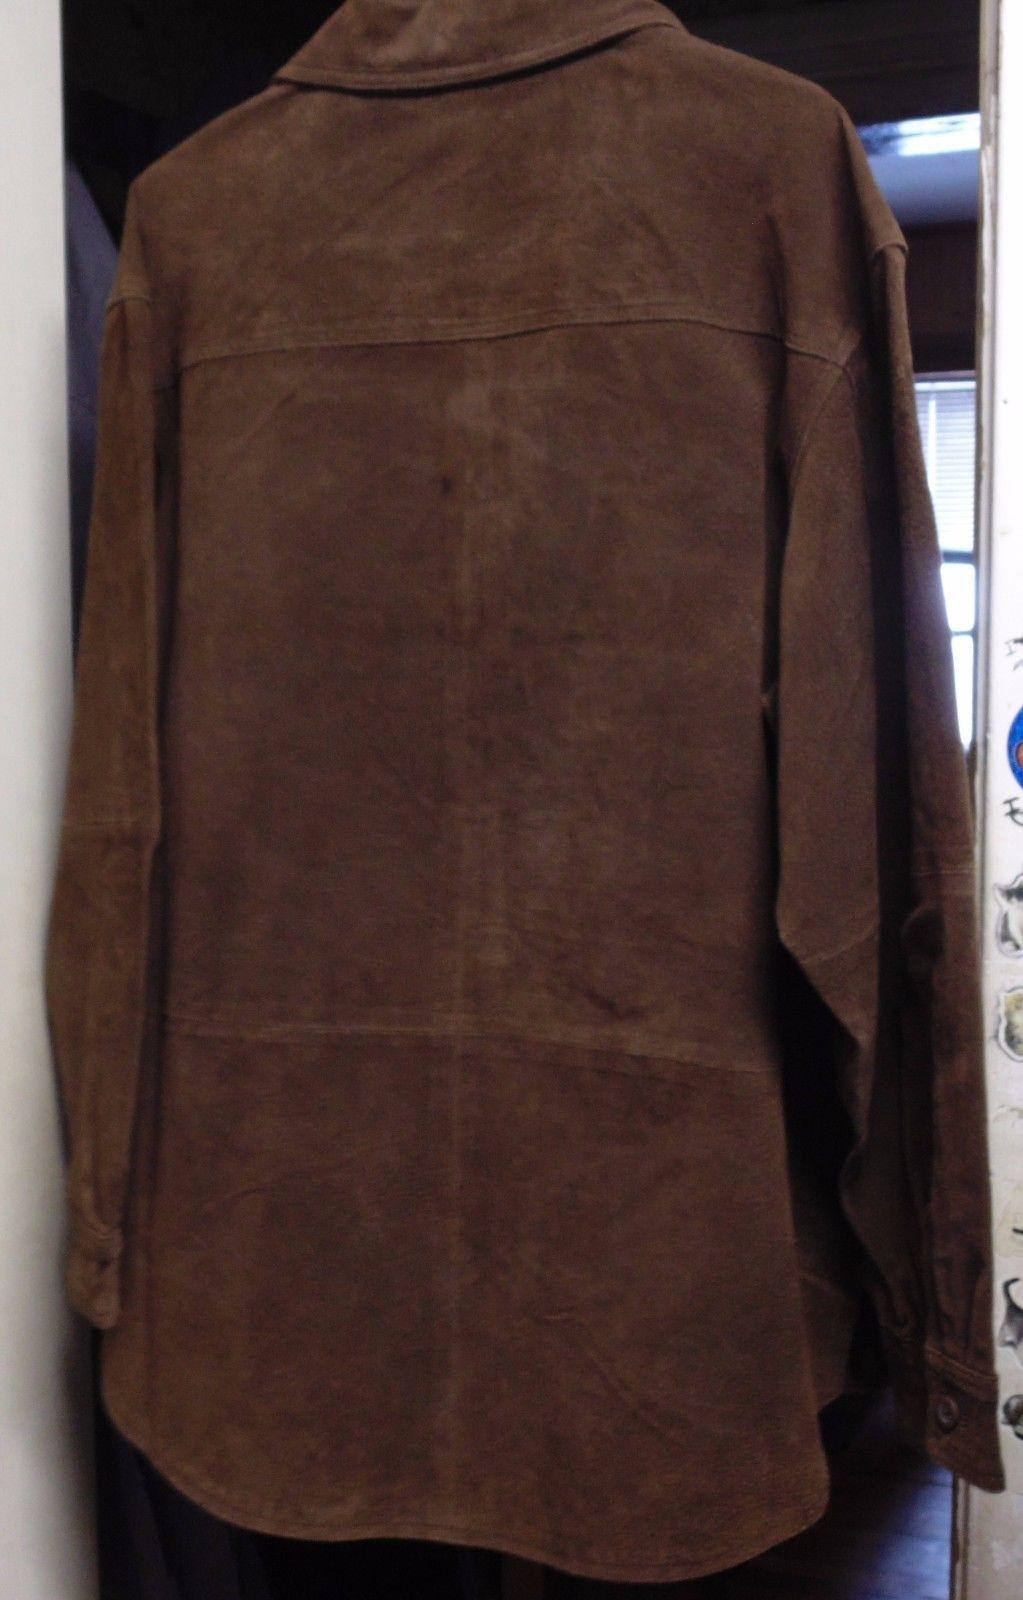 denim&co jeans wear women's leather jacket  size large  stiff heavy leather